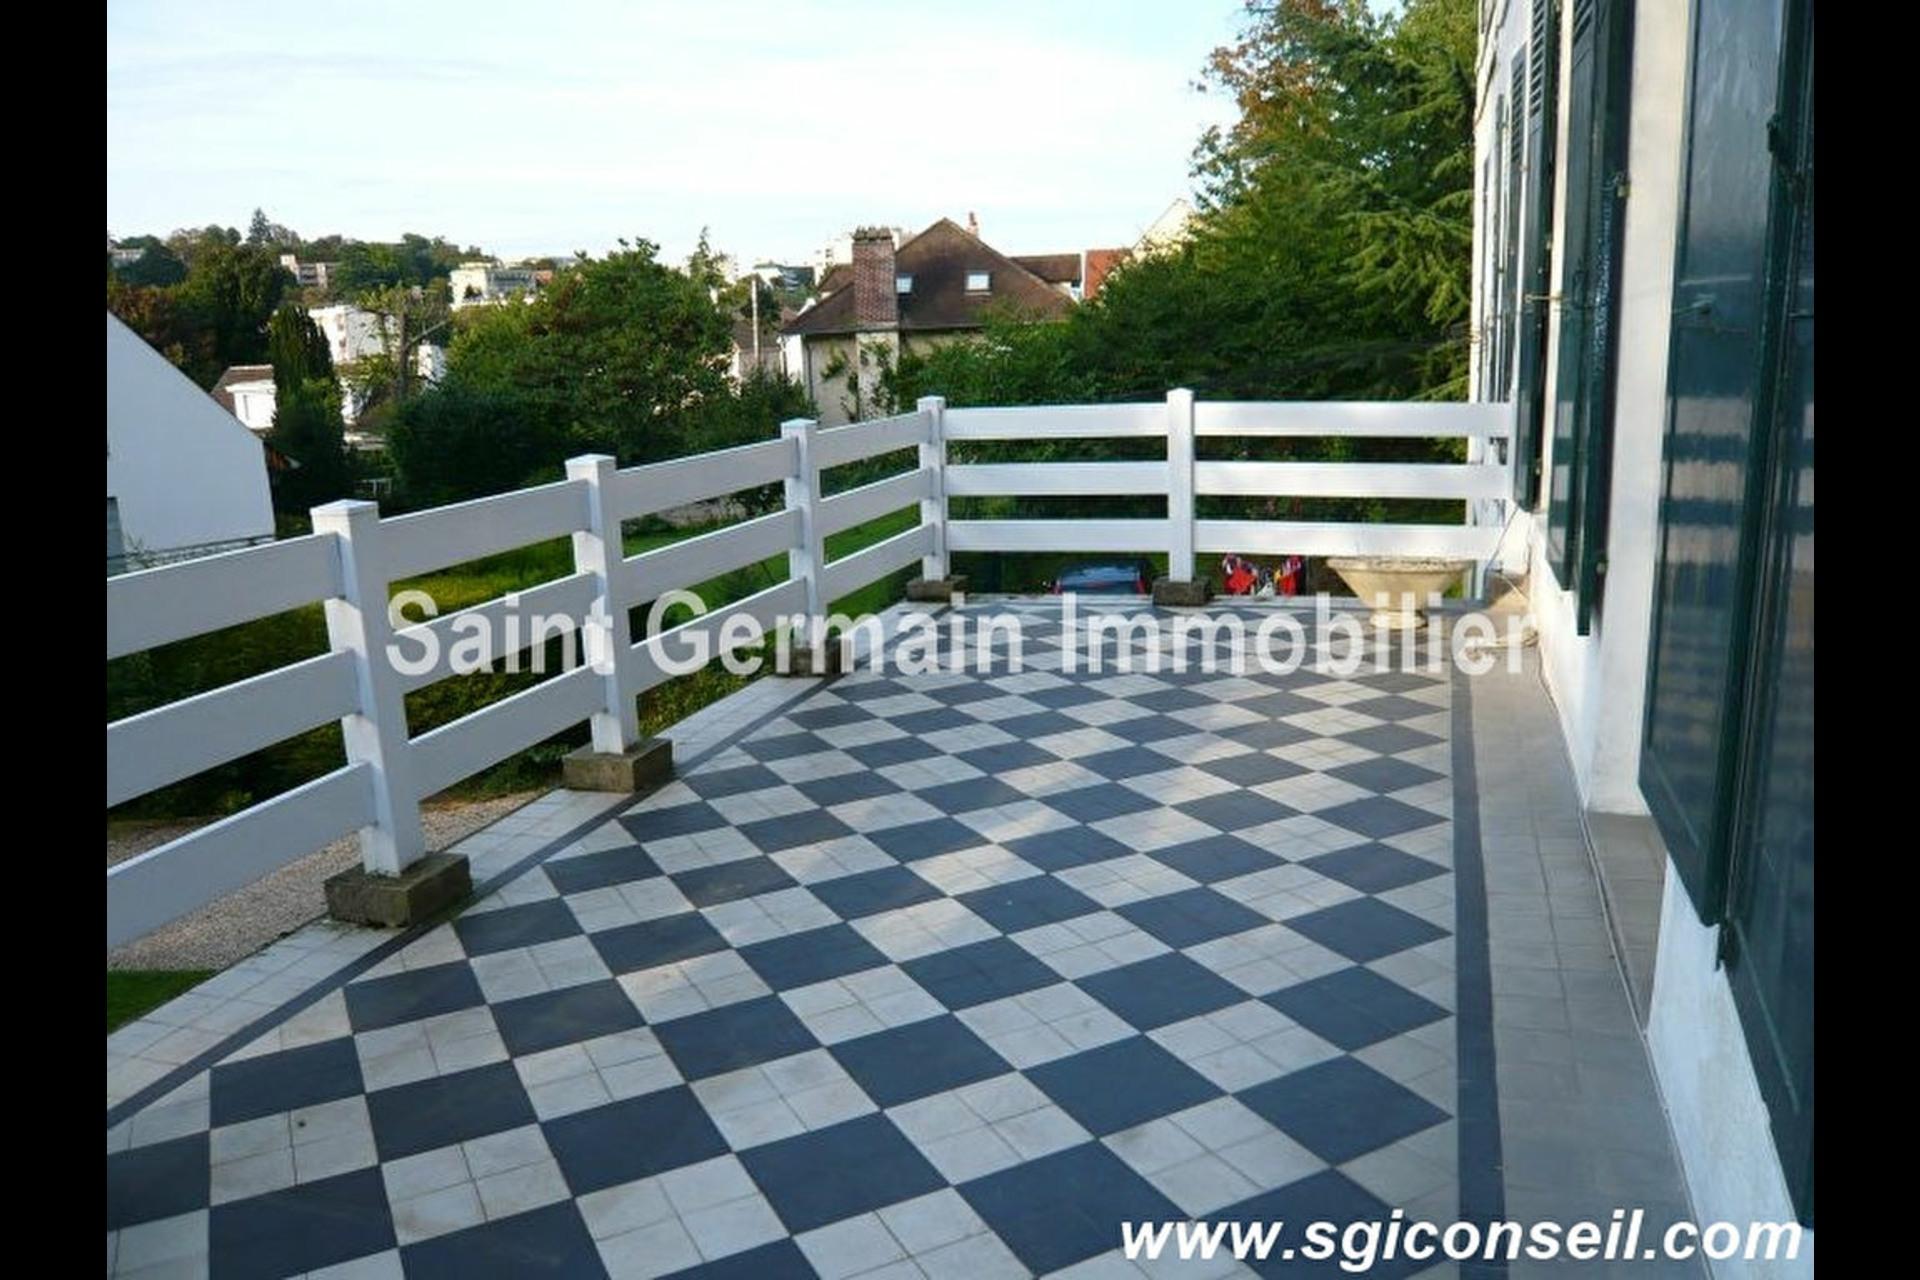 image 4 - Apartment For rent saint germain en laye - 6 rooms